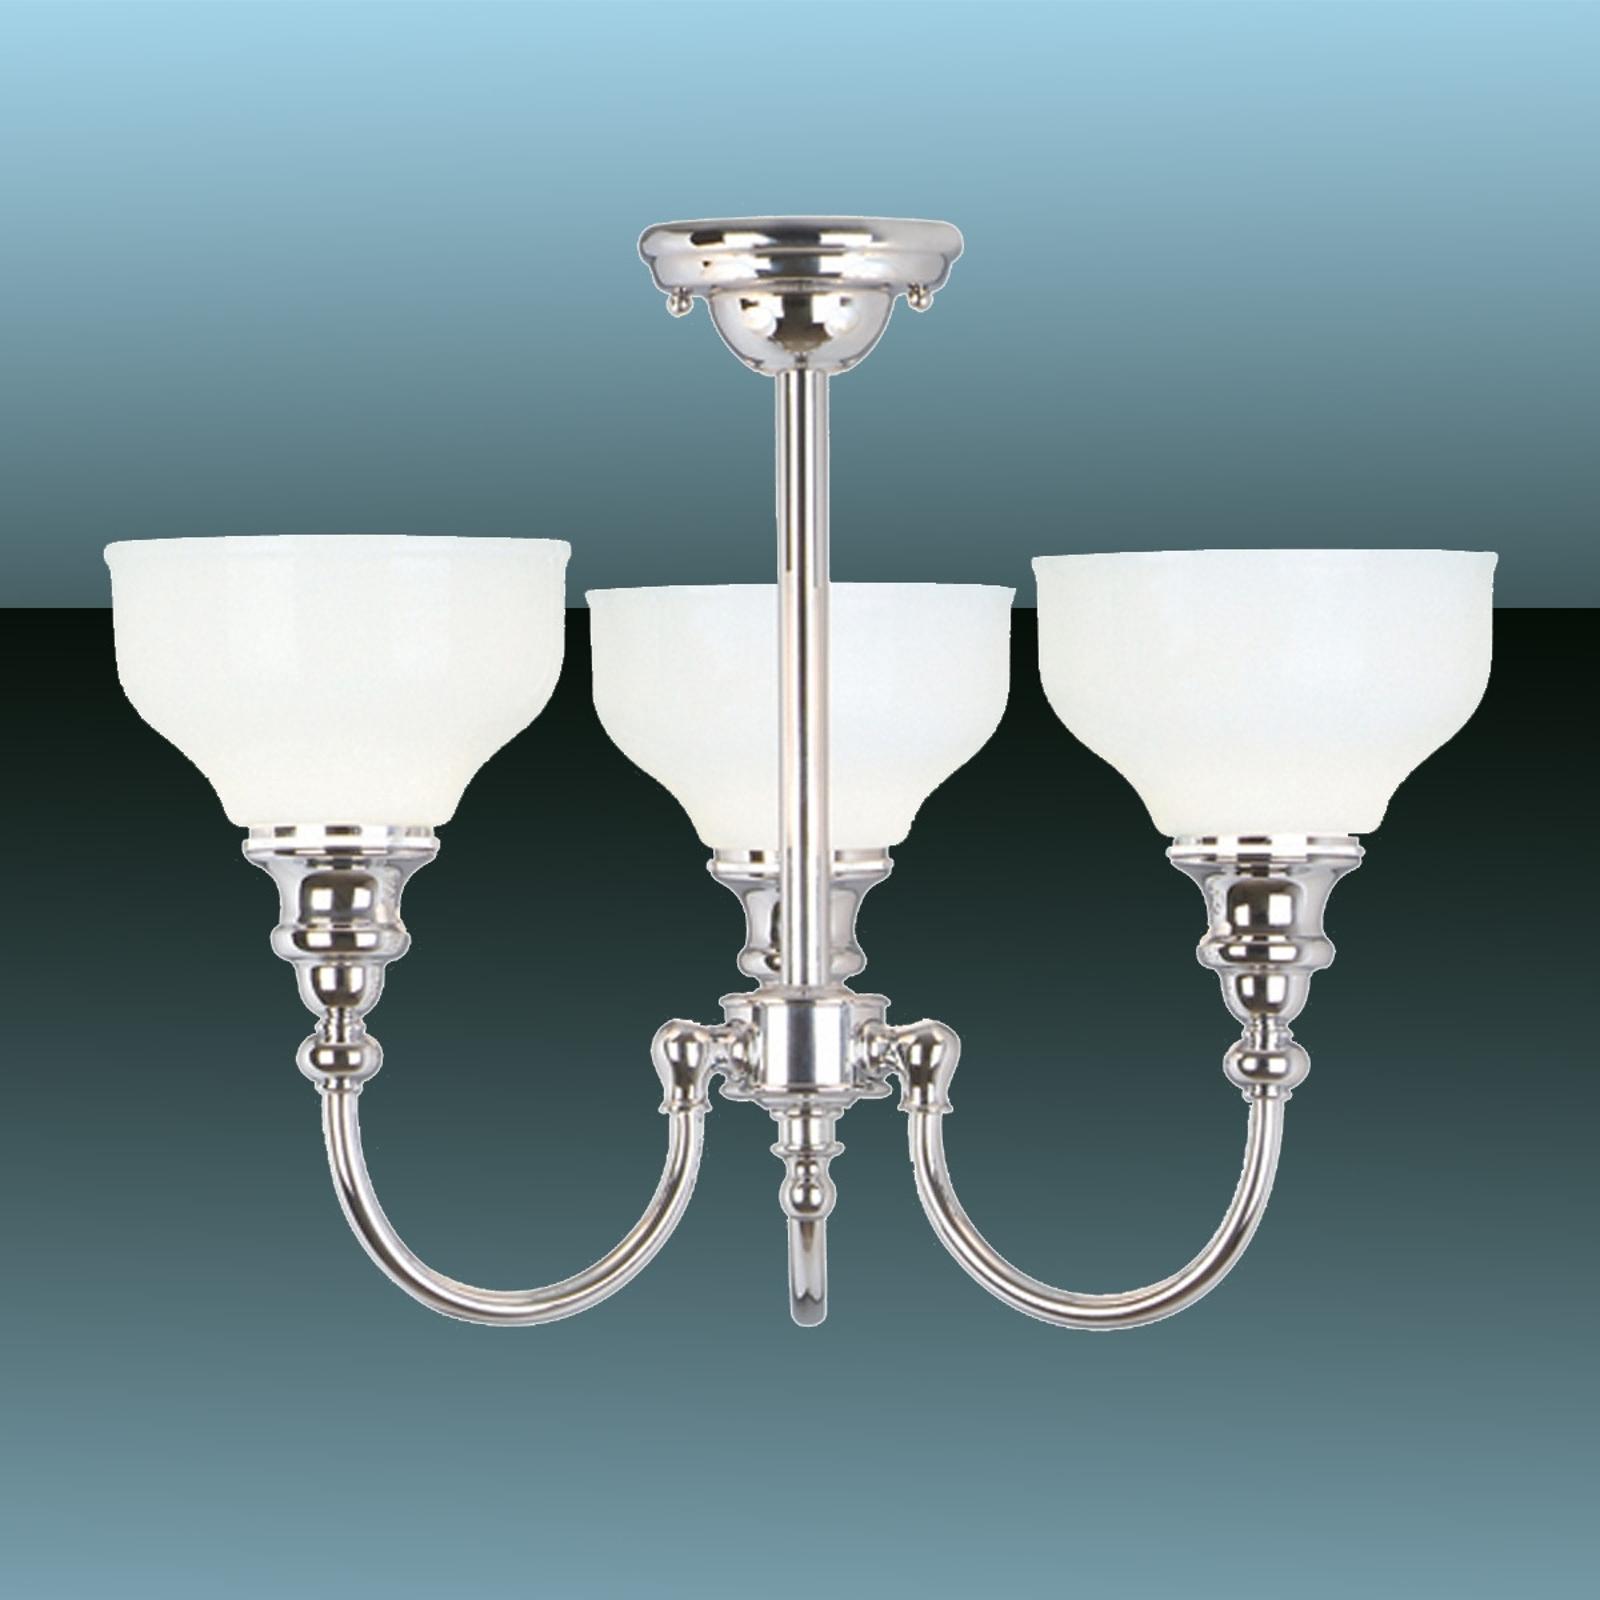 Plafonnier pour salle de bain à 3 lampes Cheadle